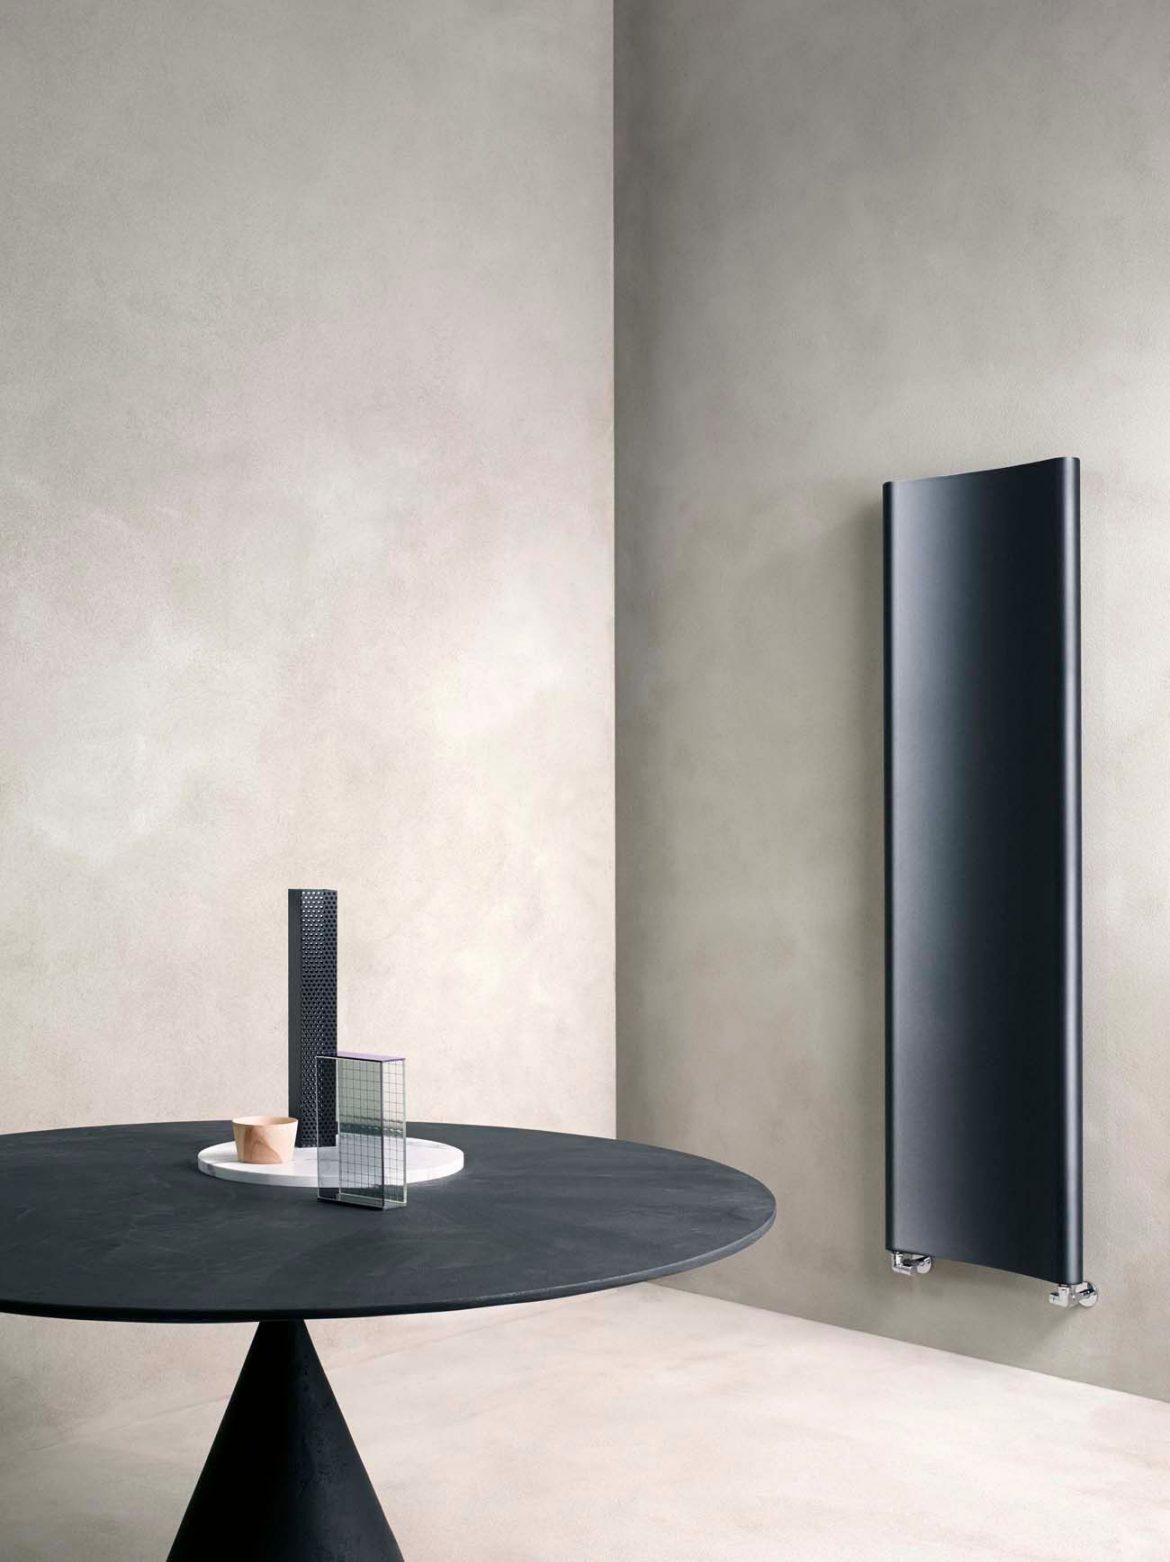 BENTLiving 1170x1562 - CALEIDO Modèle Bent :un radiateur au design sensuel